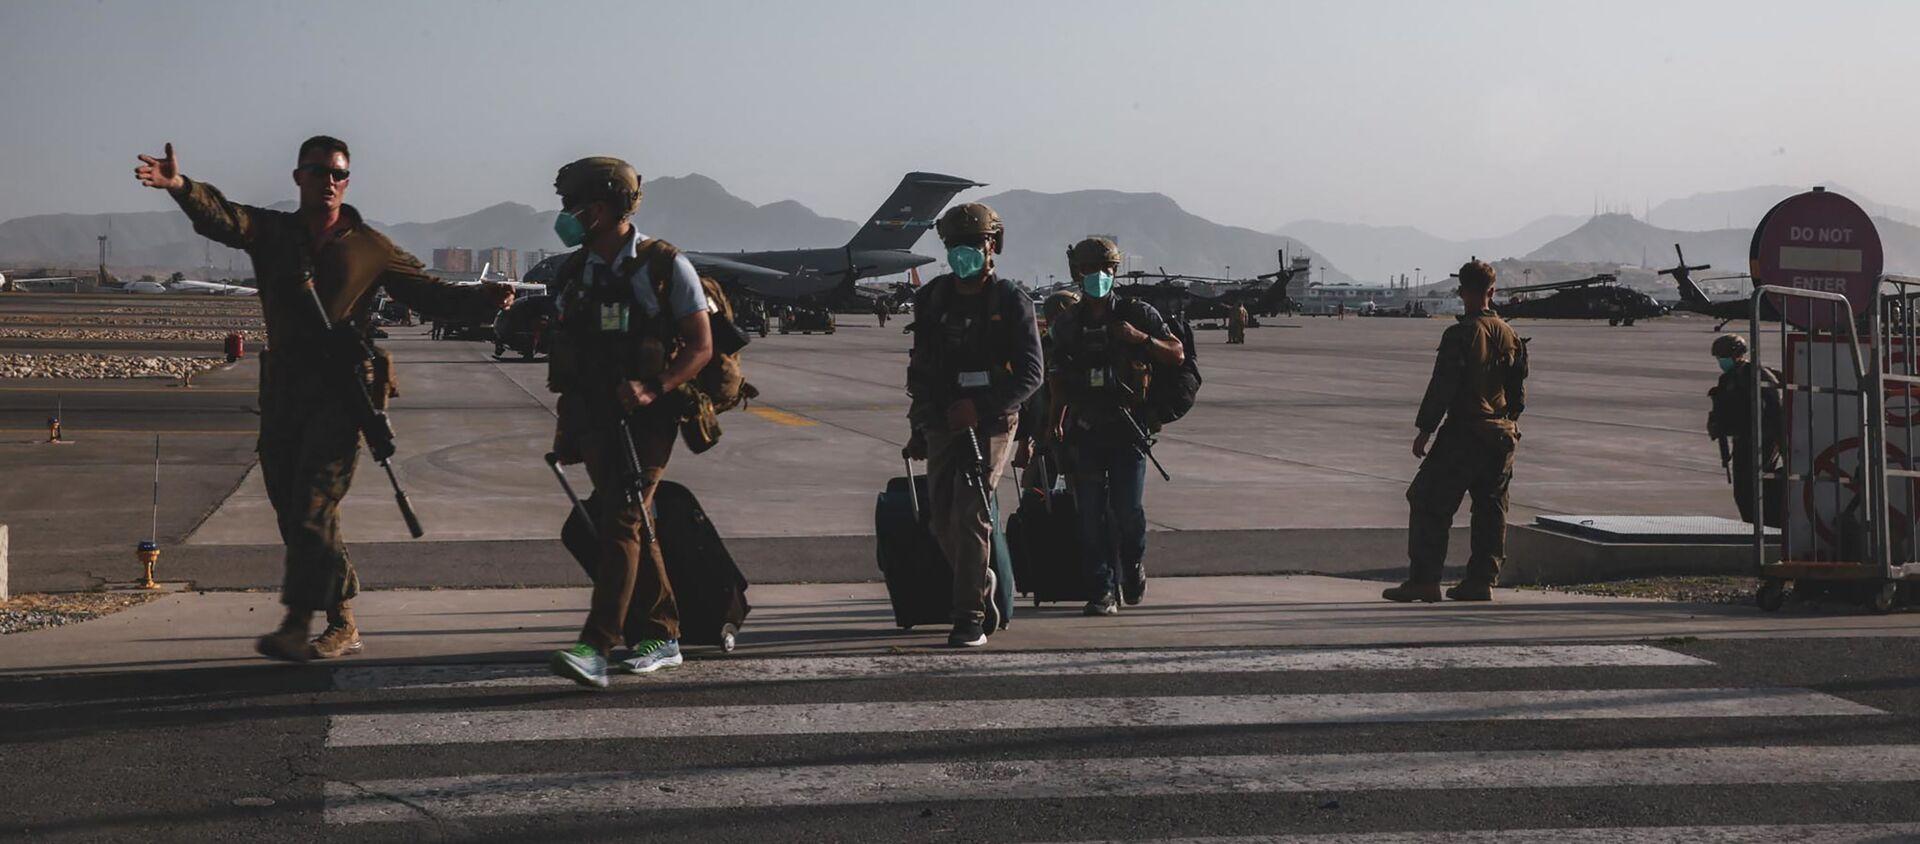 Một lính thủy đánh bộ thuộc Hải đội Viễn chinh Thủy quân lục chiến số 24 tháp tùng các nhân viên Bộ Ngoại giao chuẩn bị sơ tán tại Sân bay Quốc tế Hamid Karzai ở Kabul, Afghanistan. - Sputnik Việt Nam, 1920, 24.08.2021